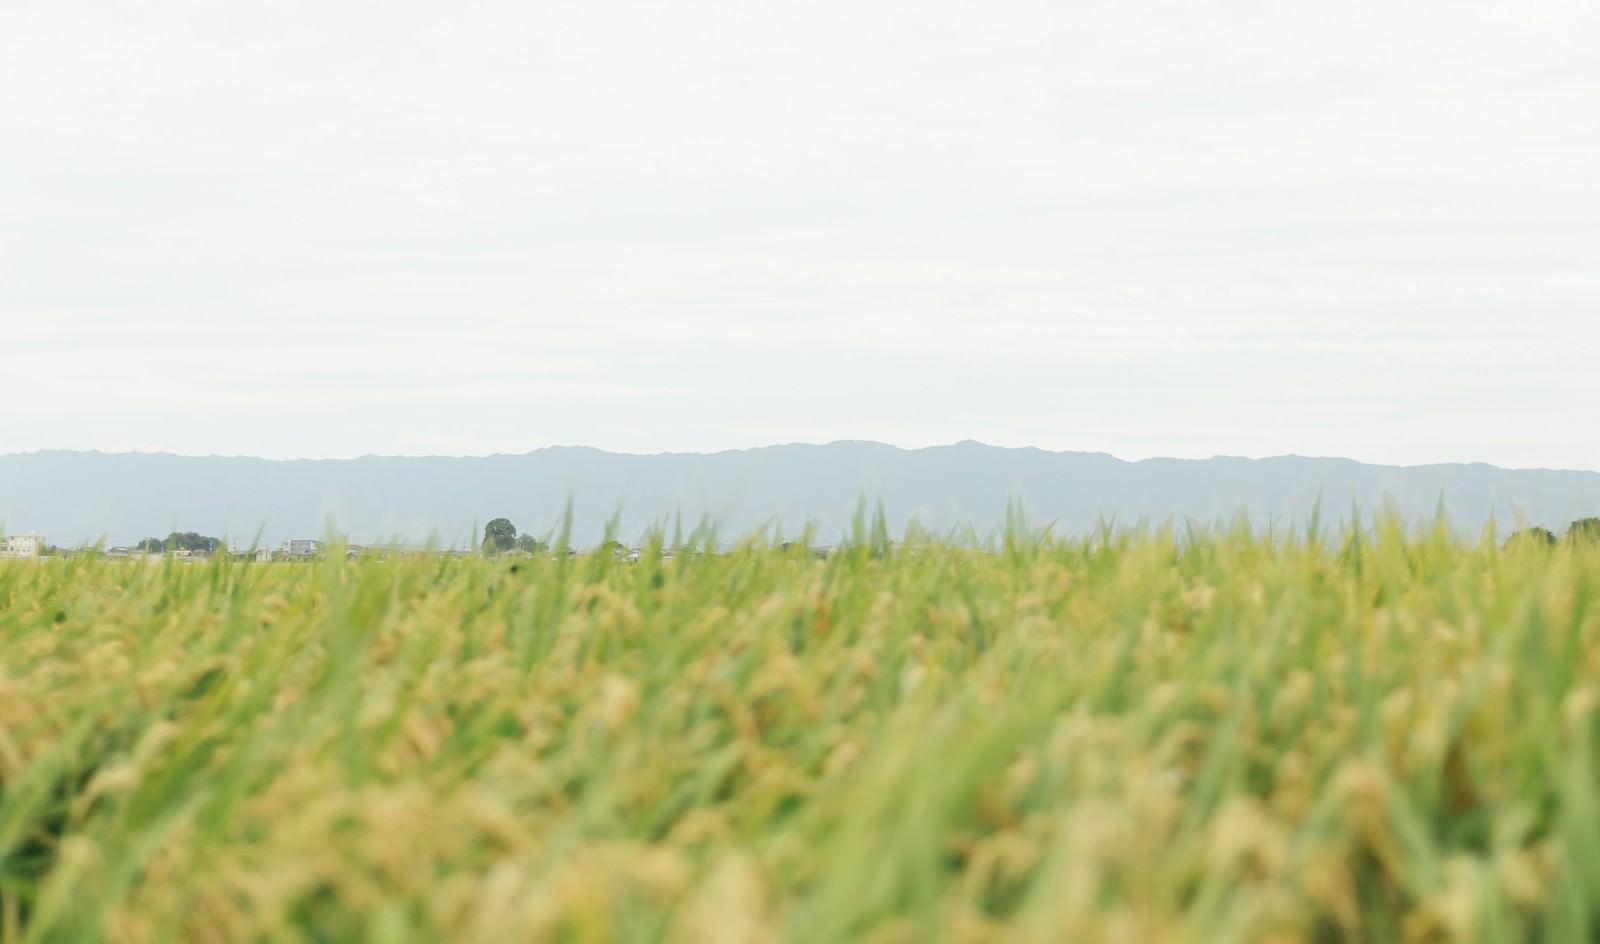 「稲穂が揺れる」の写真